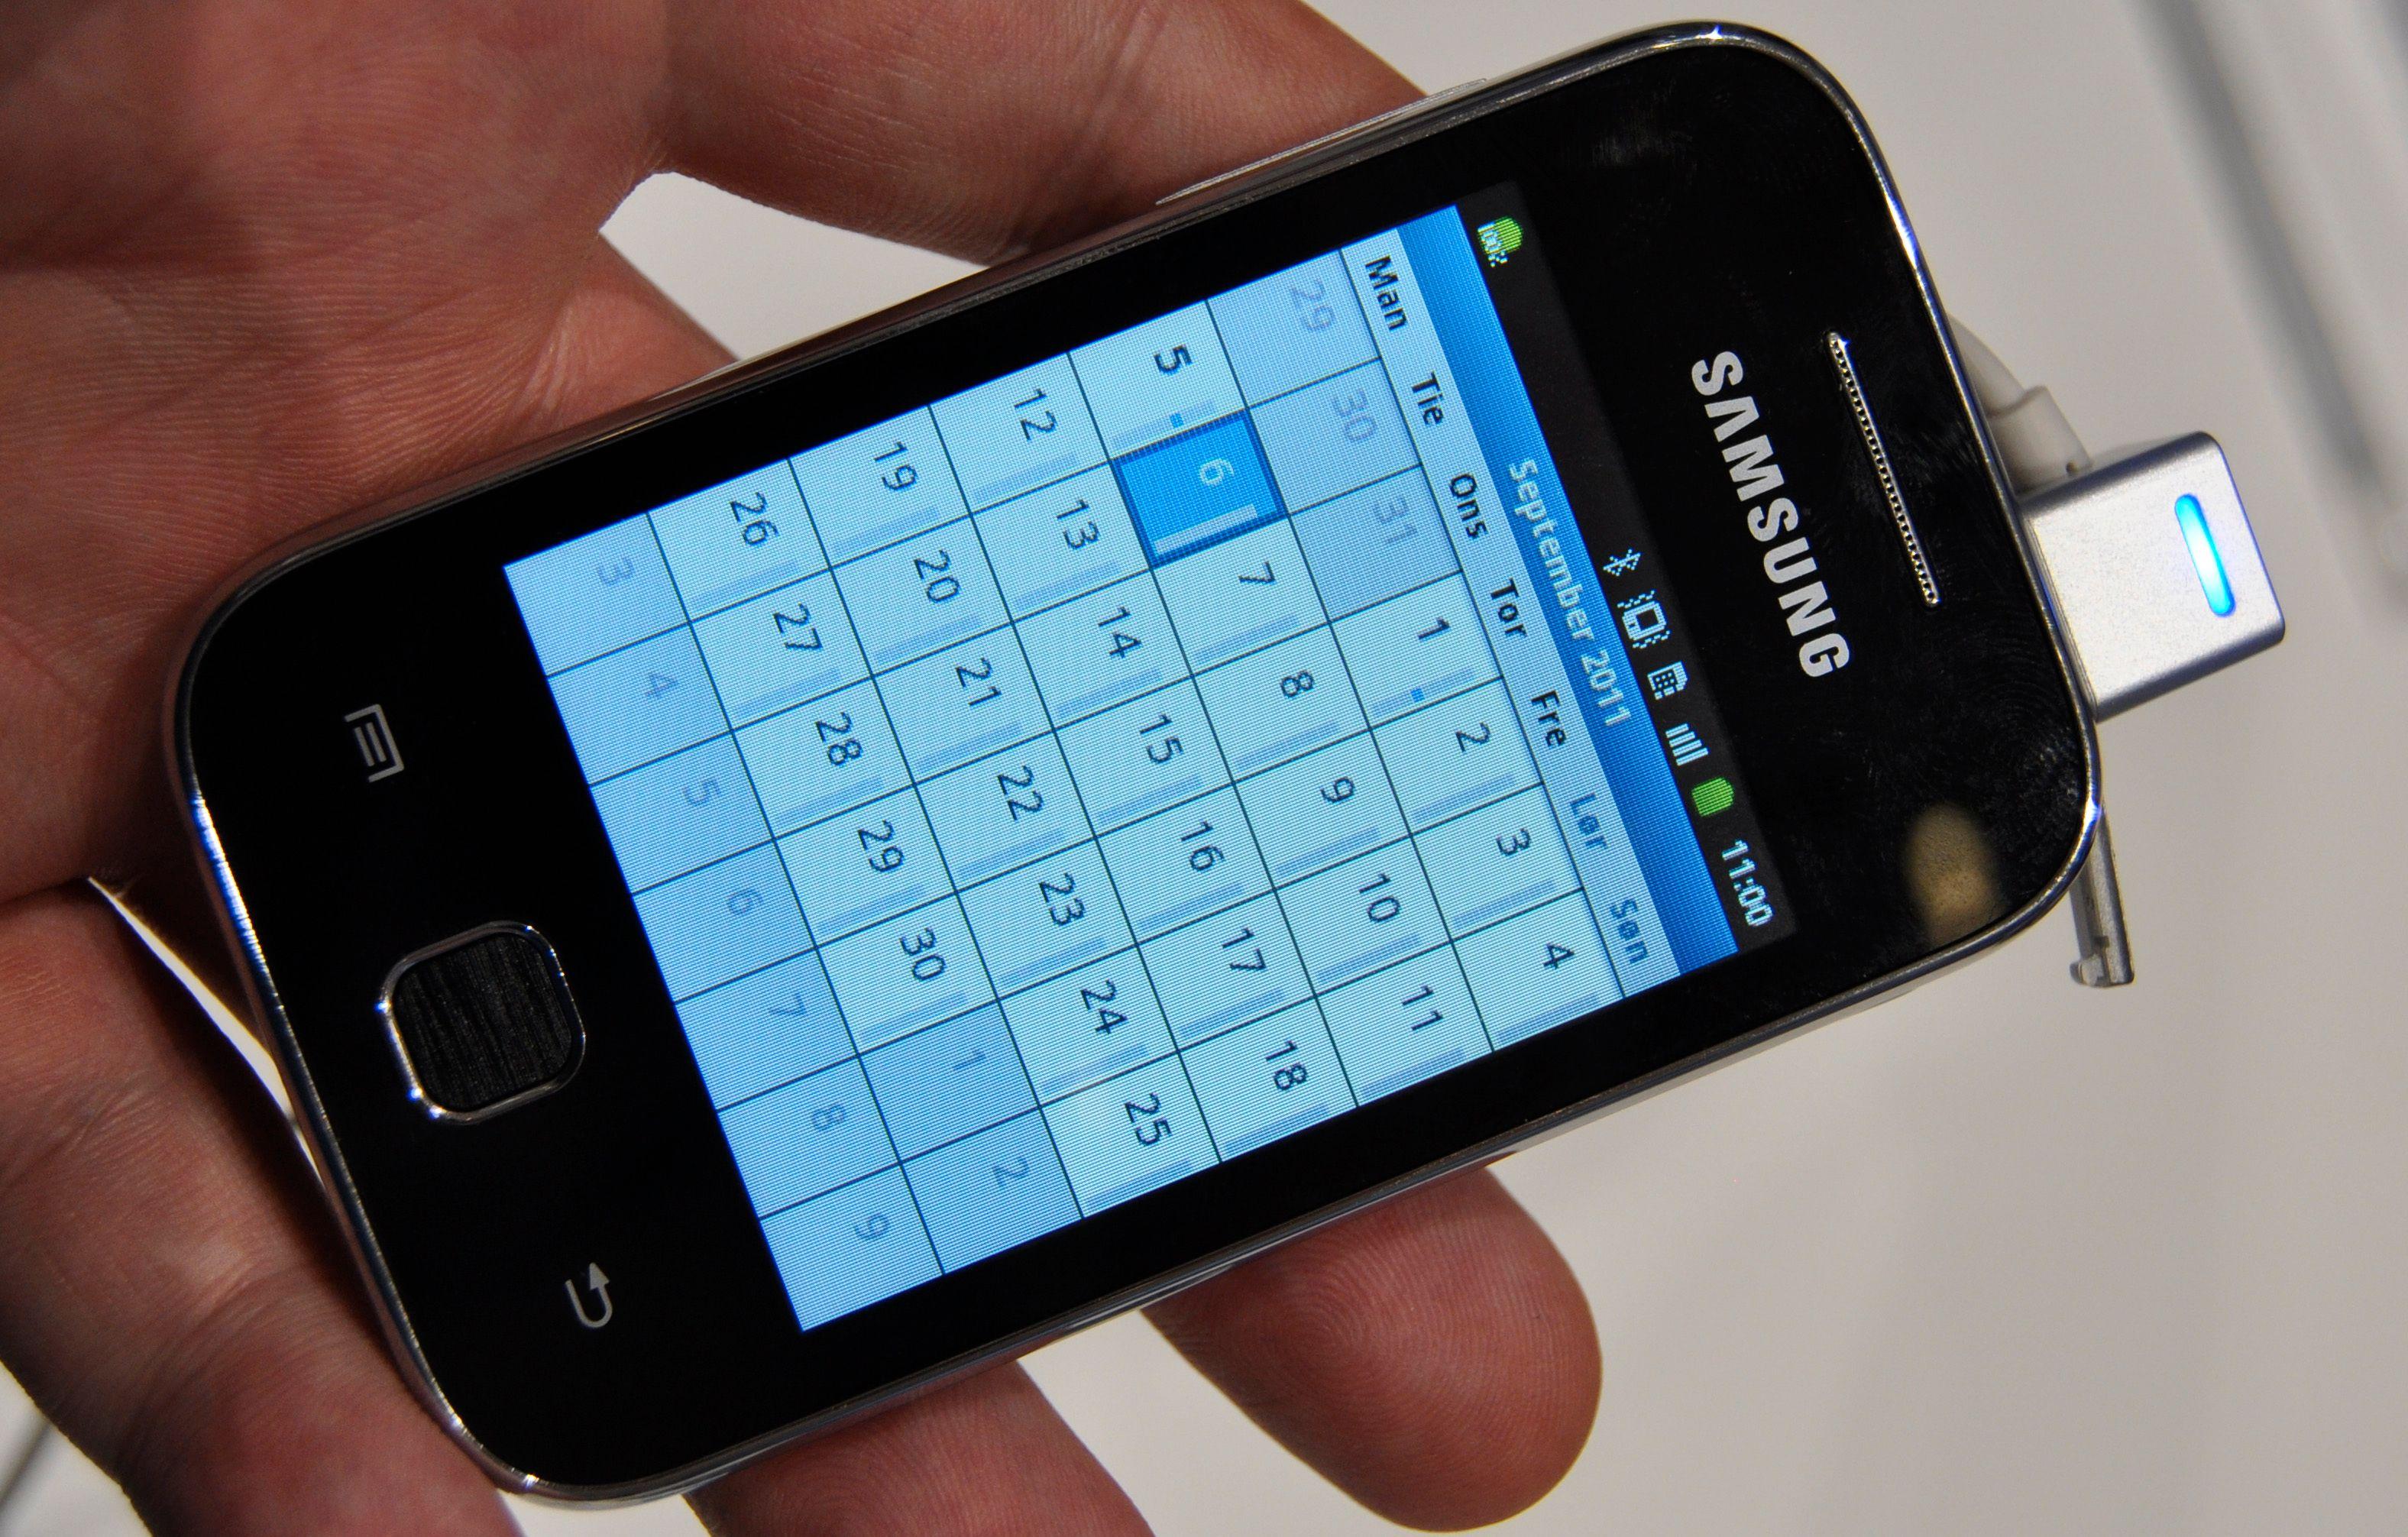 Touch Wiz-menyene er ikke like omfattende på Galaxy Y som på mange av de andre Galaxyene. Telefonen kjører eksempelvis Androids egen kalender.